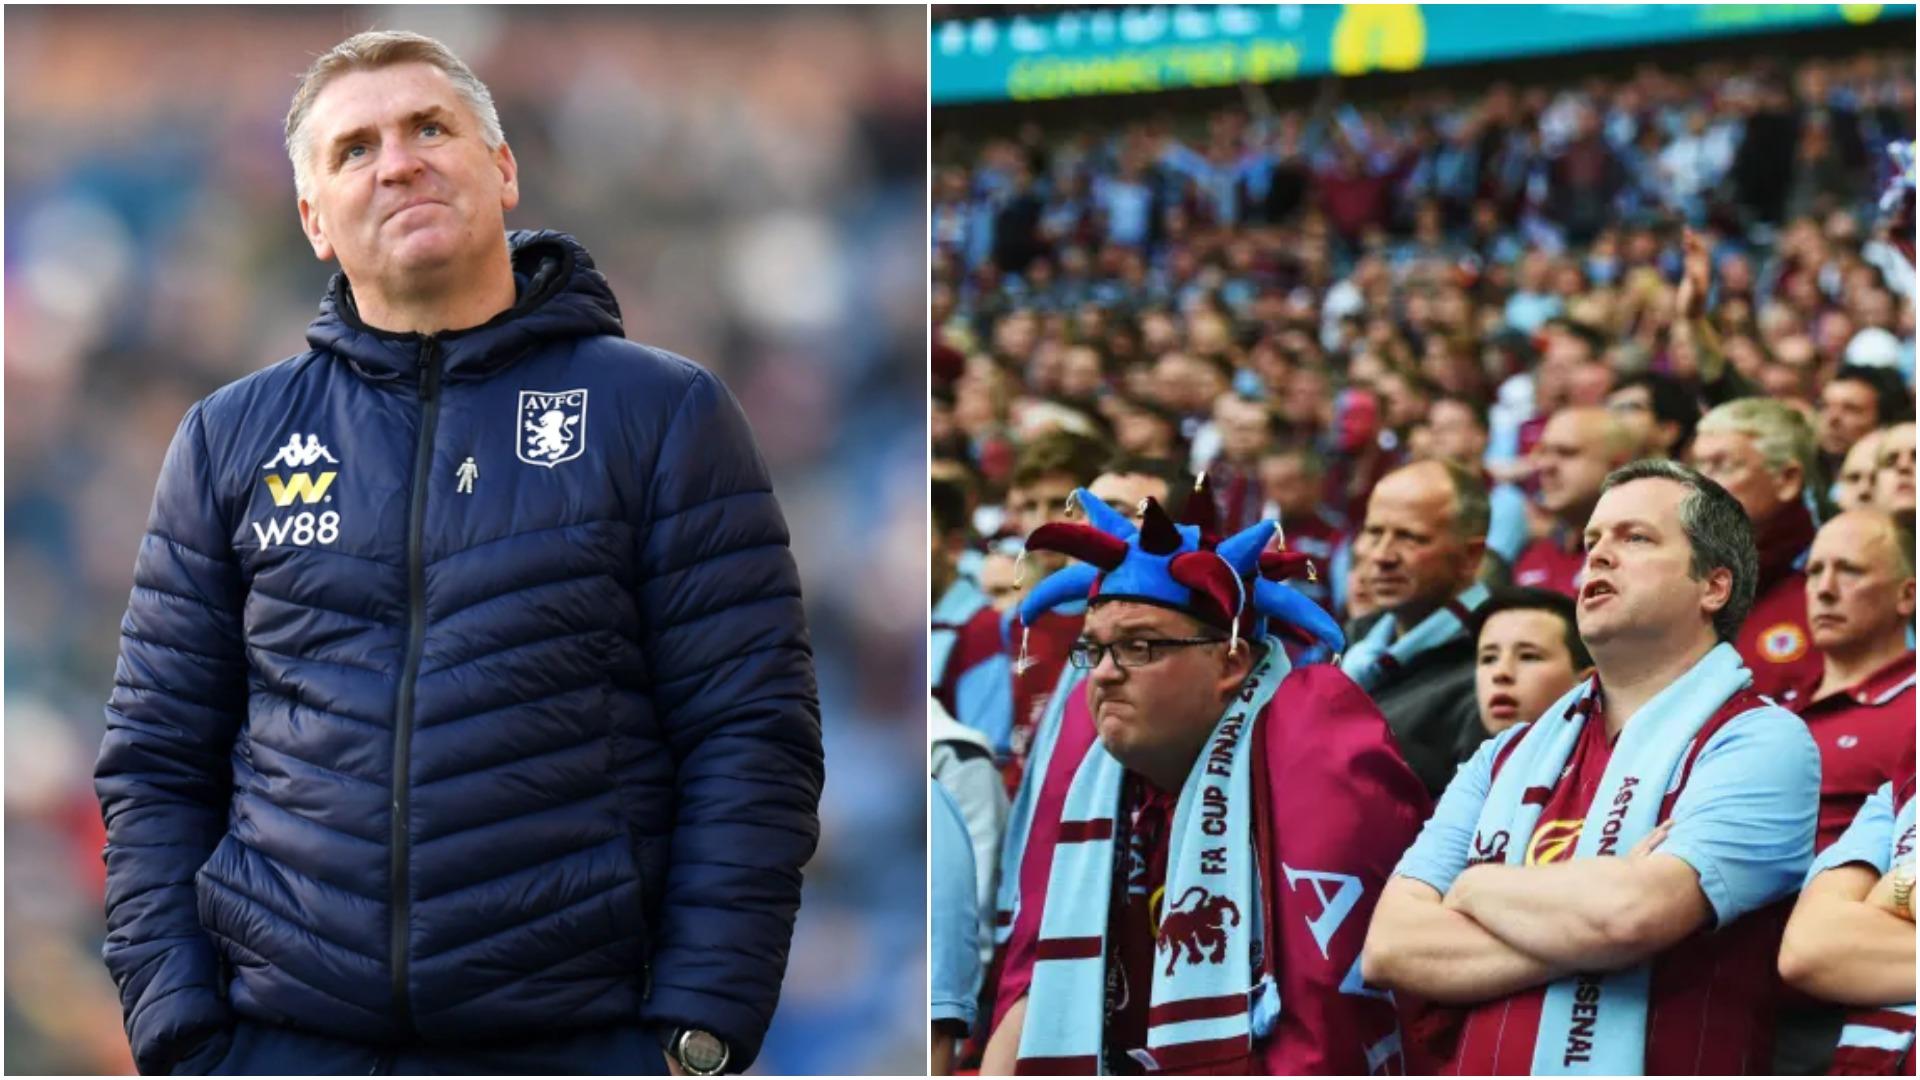 Vuante nga koronavirusi, trajneri i Premier League humbet njeriun e zemrës